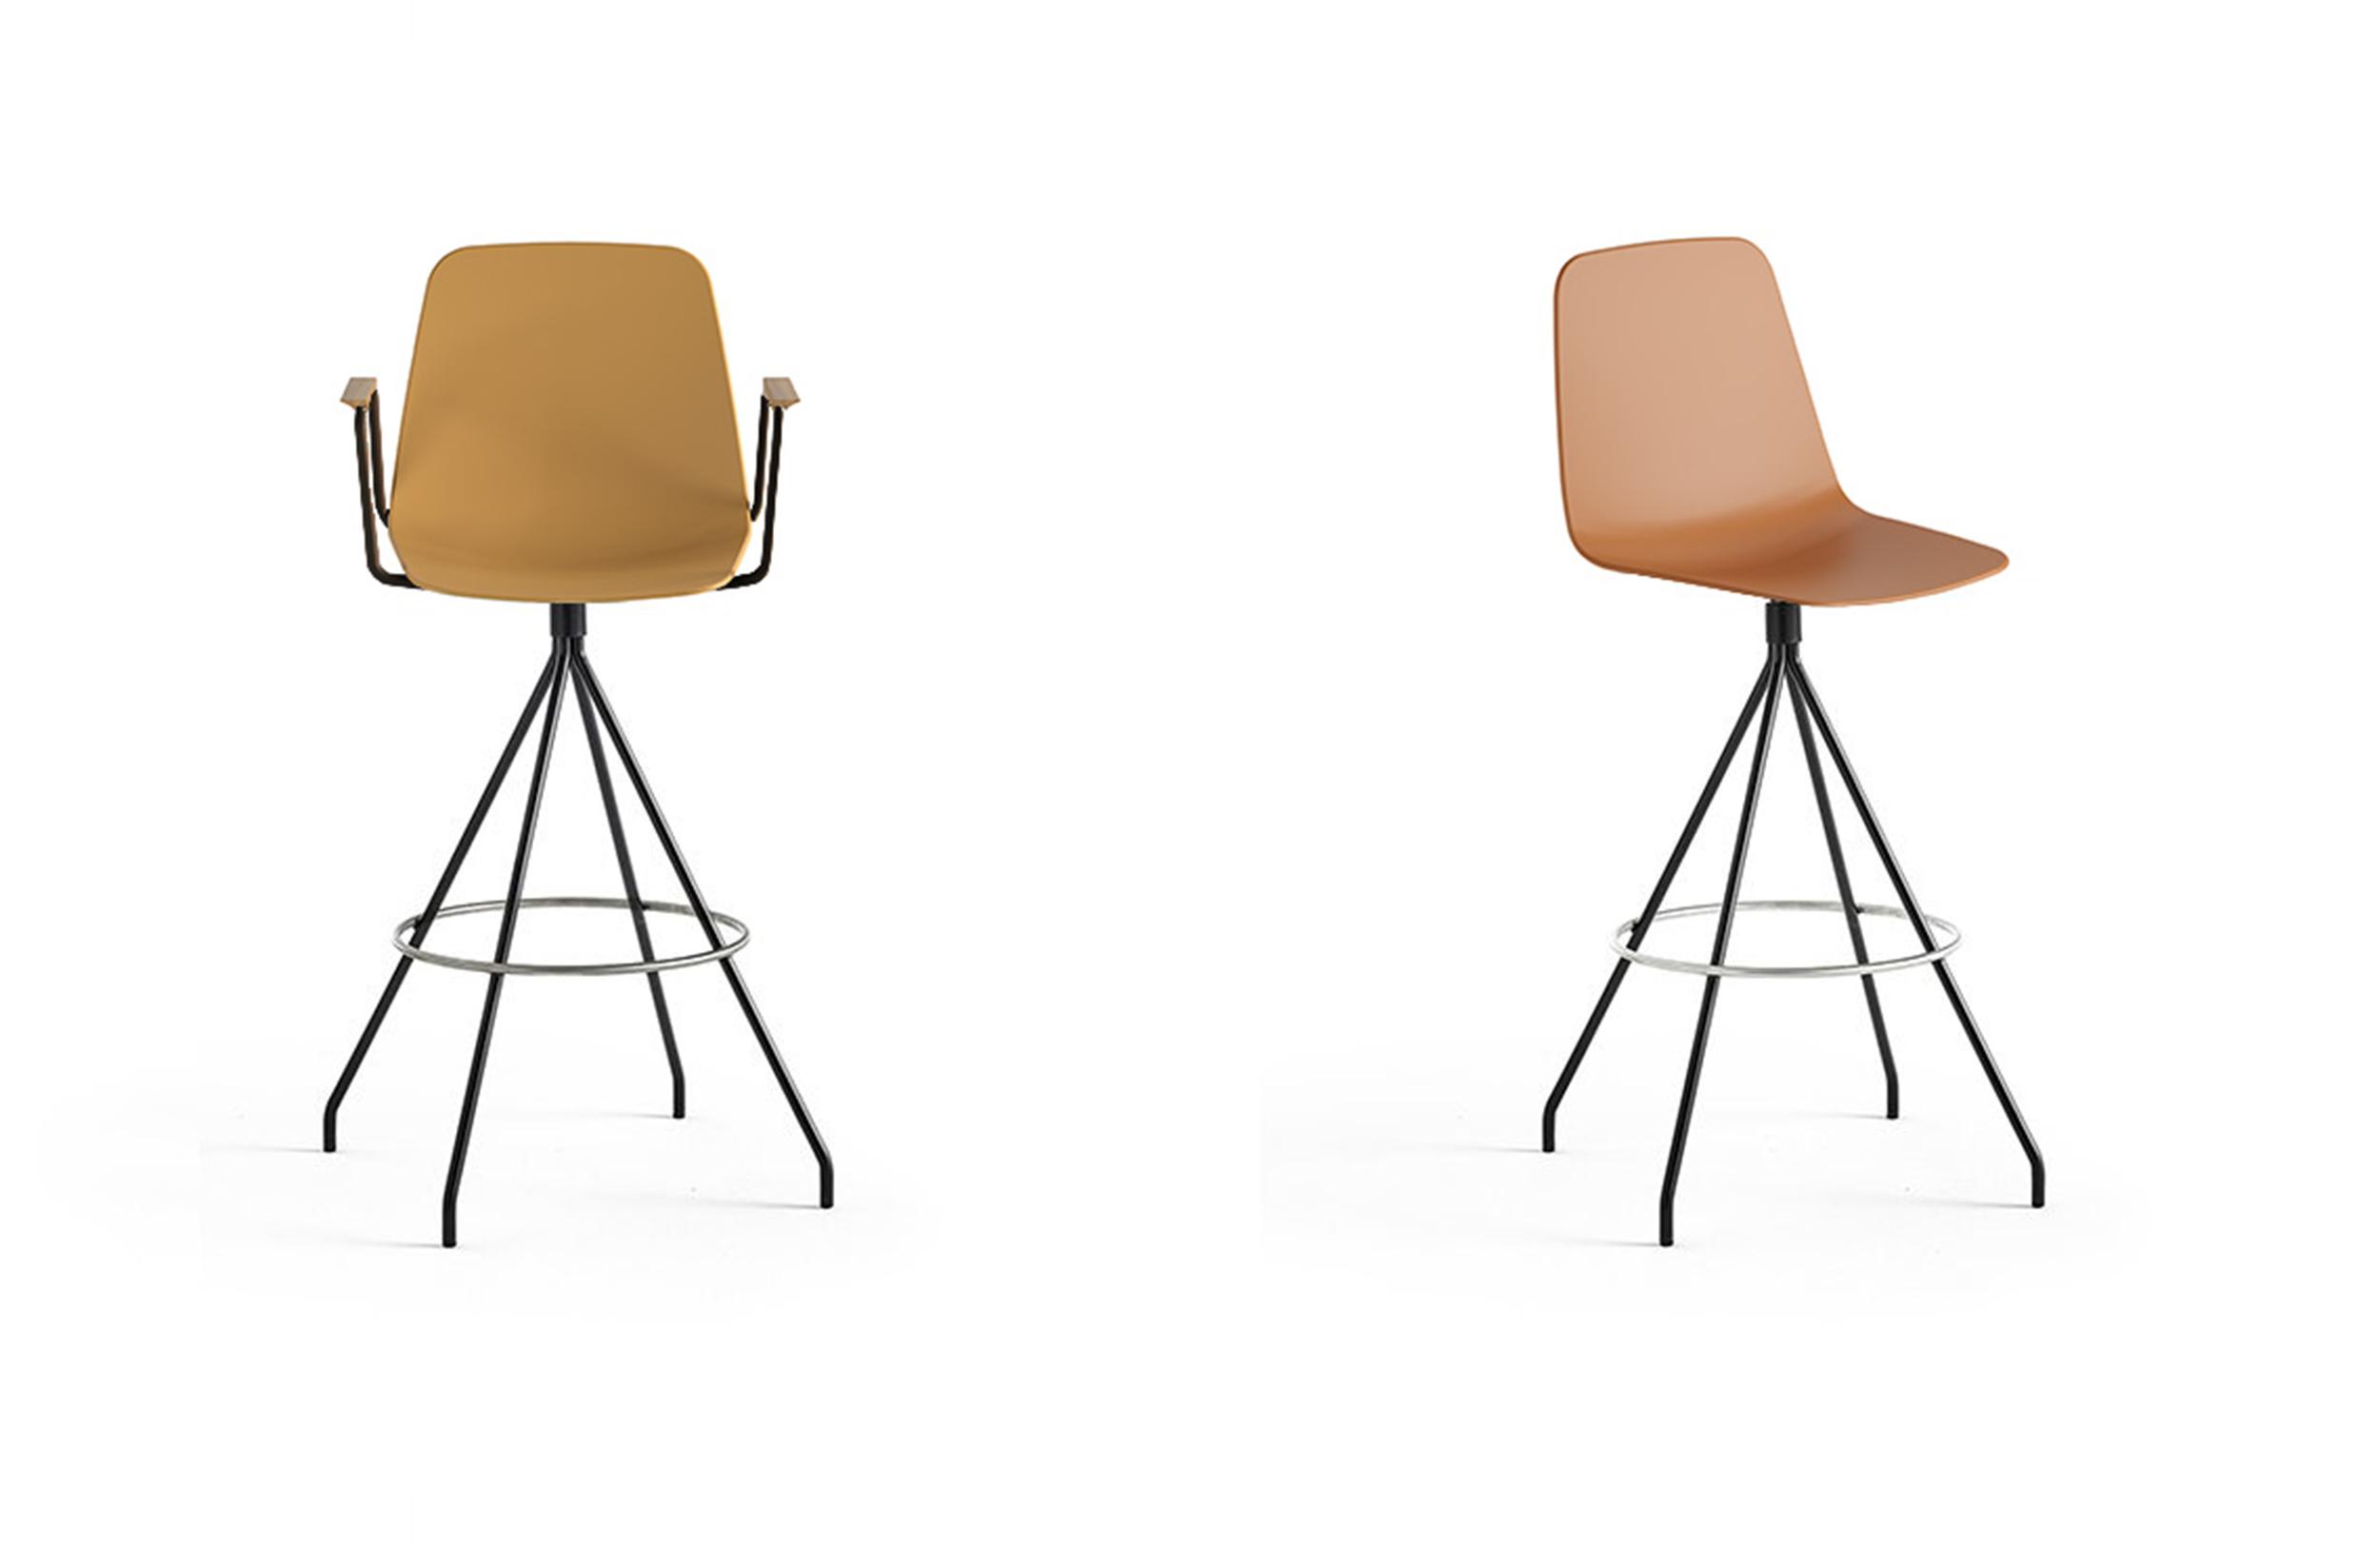 MAARTEN PLASTIC餐椅/洽谈椅